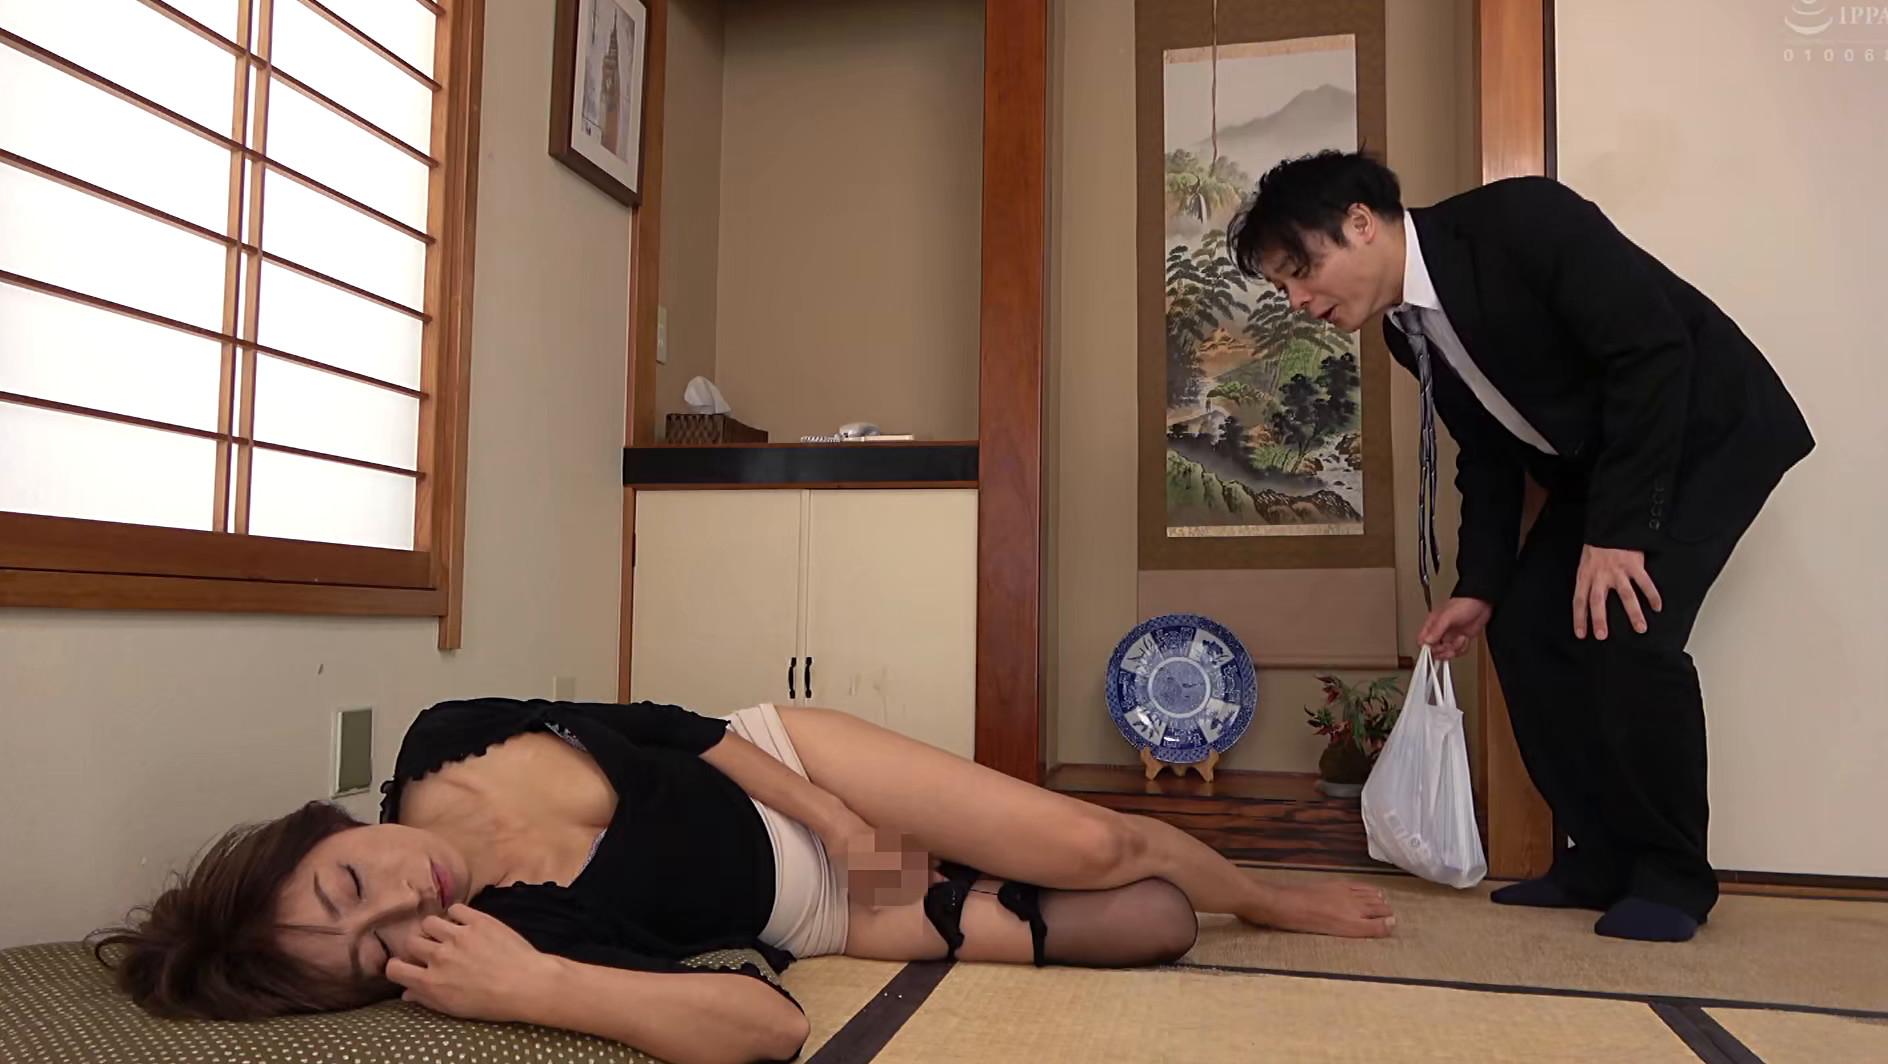 五十路義母 嫁の母は婿に肉体を求められ逞しい肉棒を受け入れる・・・ 画像6